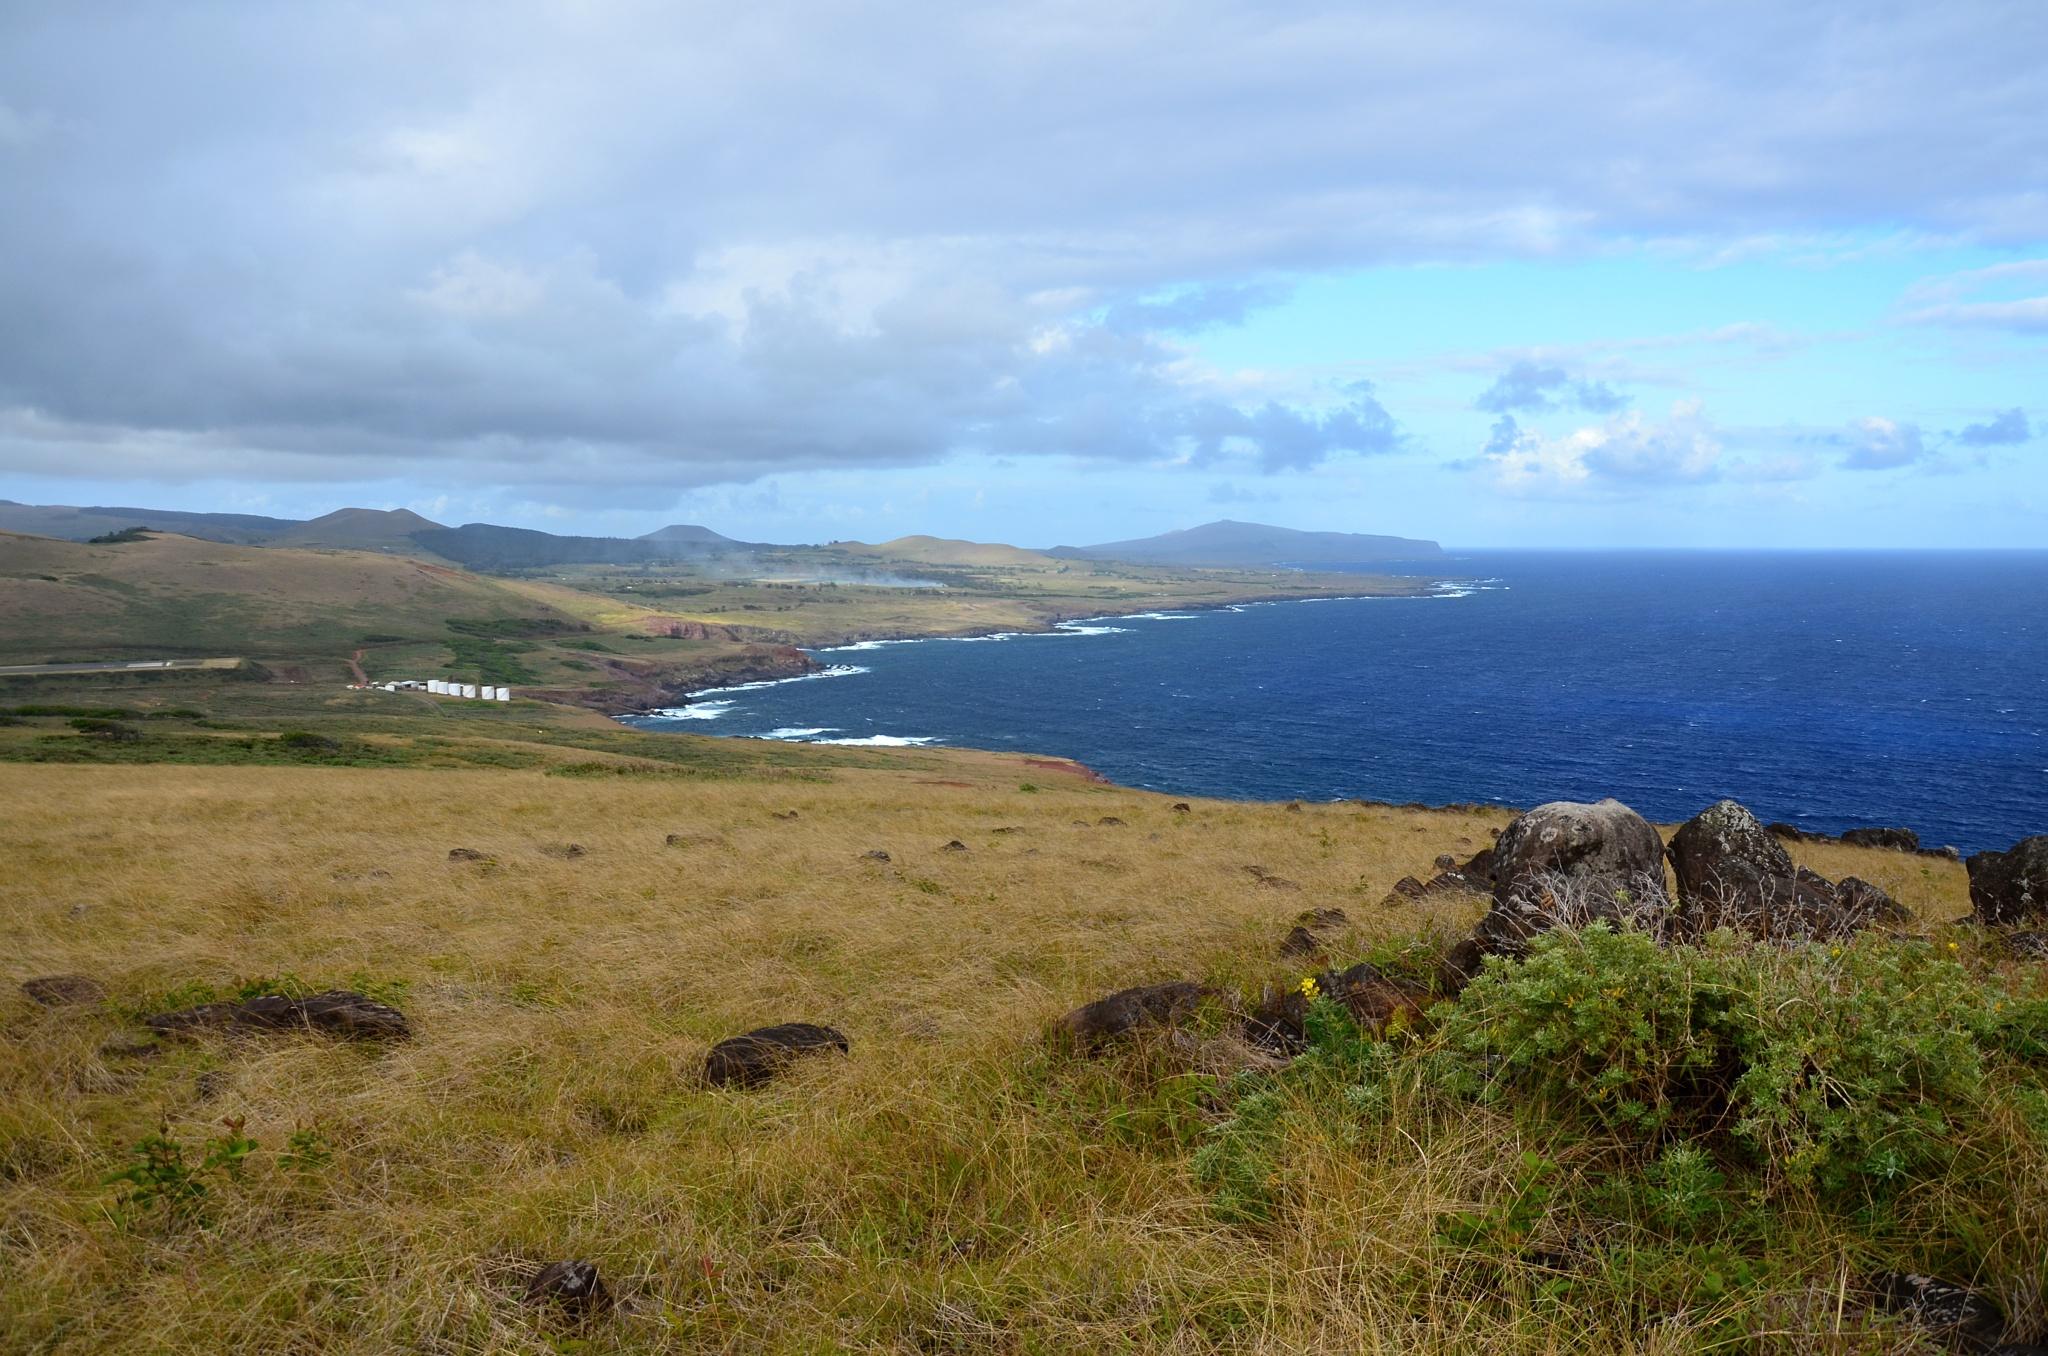 Pohled na východní pobřeží kolem vulkánu Rano Kau